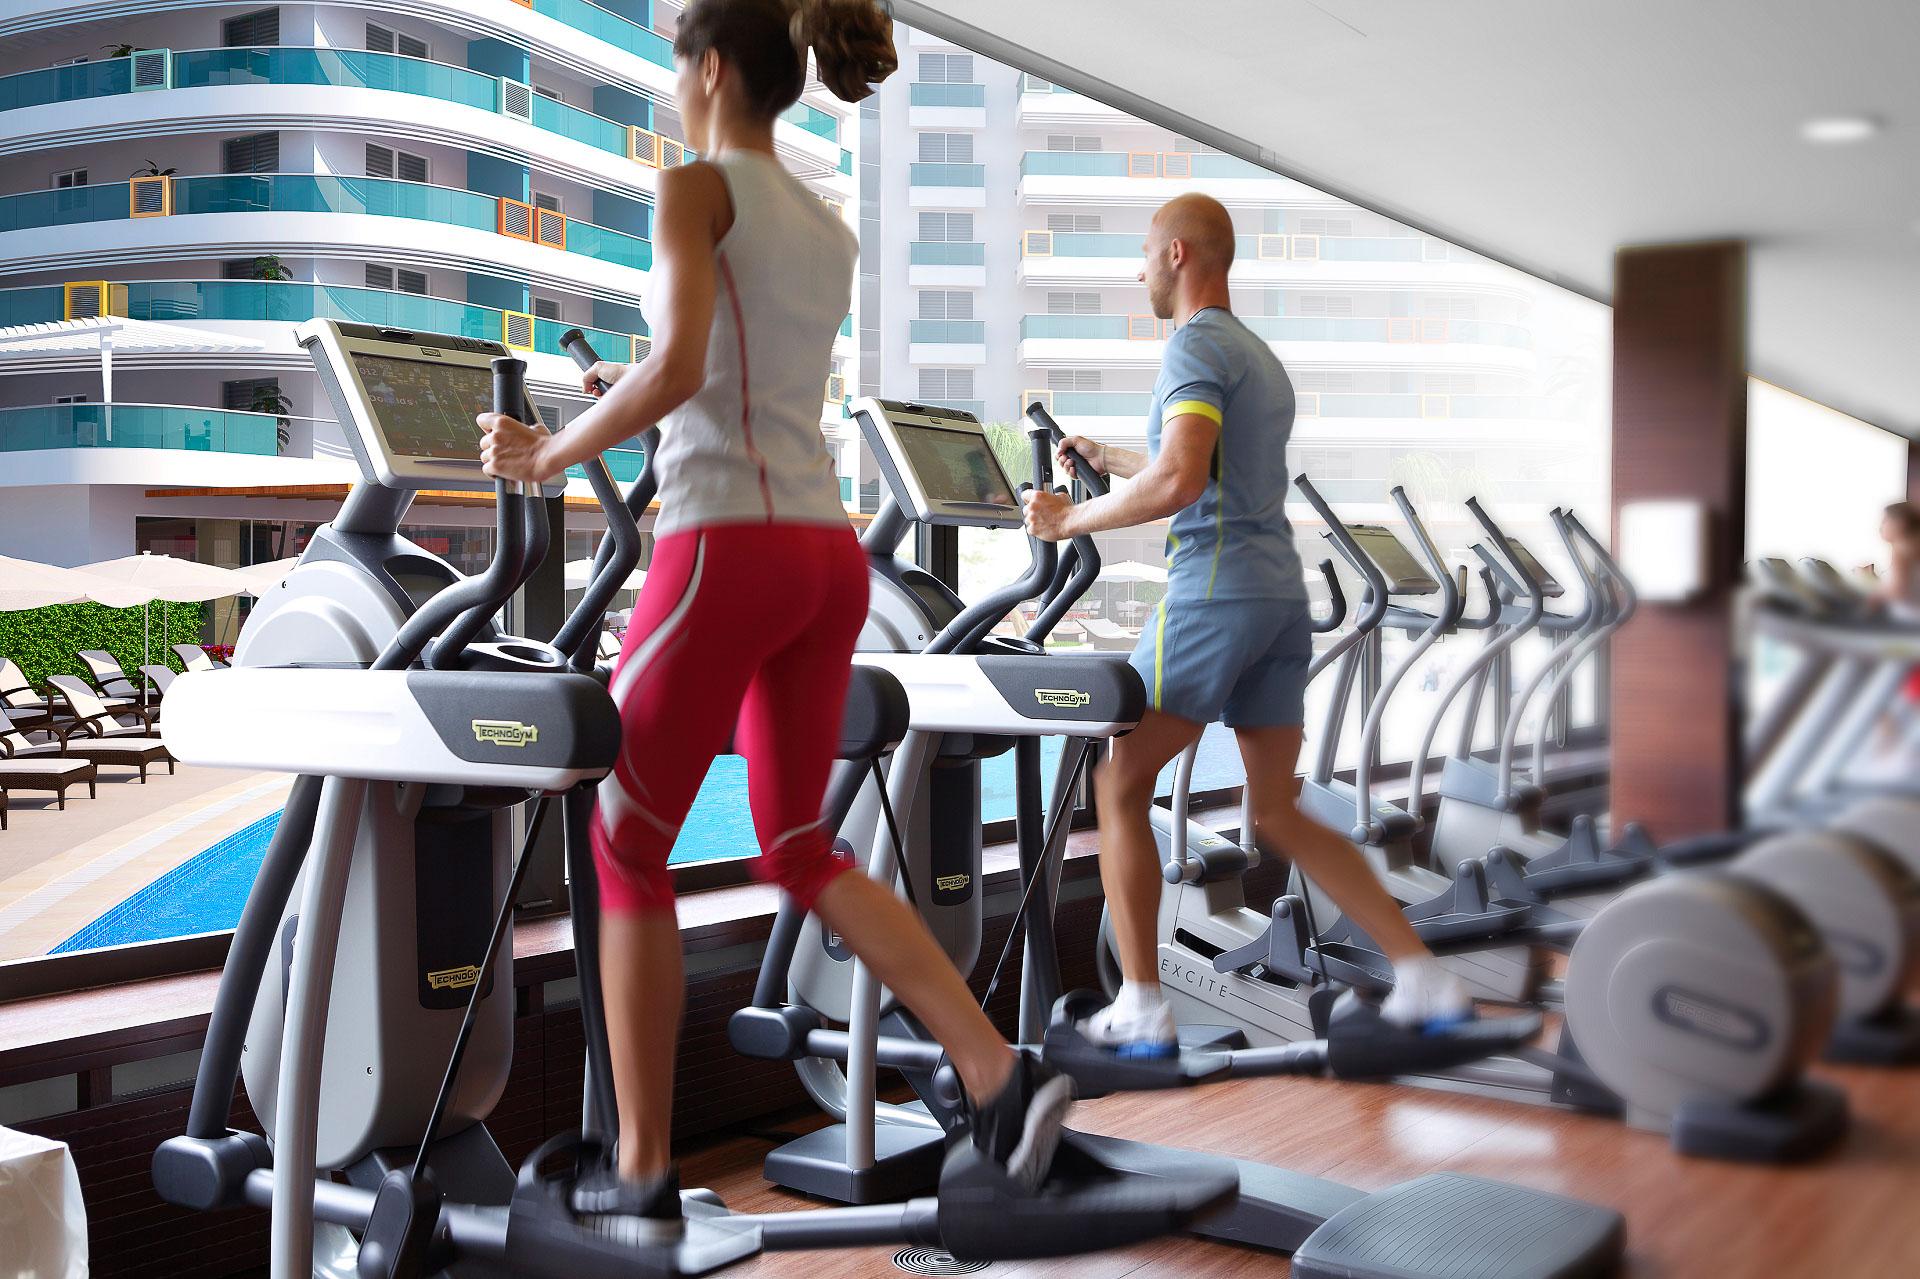 Park Residence Fitness-senter